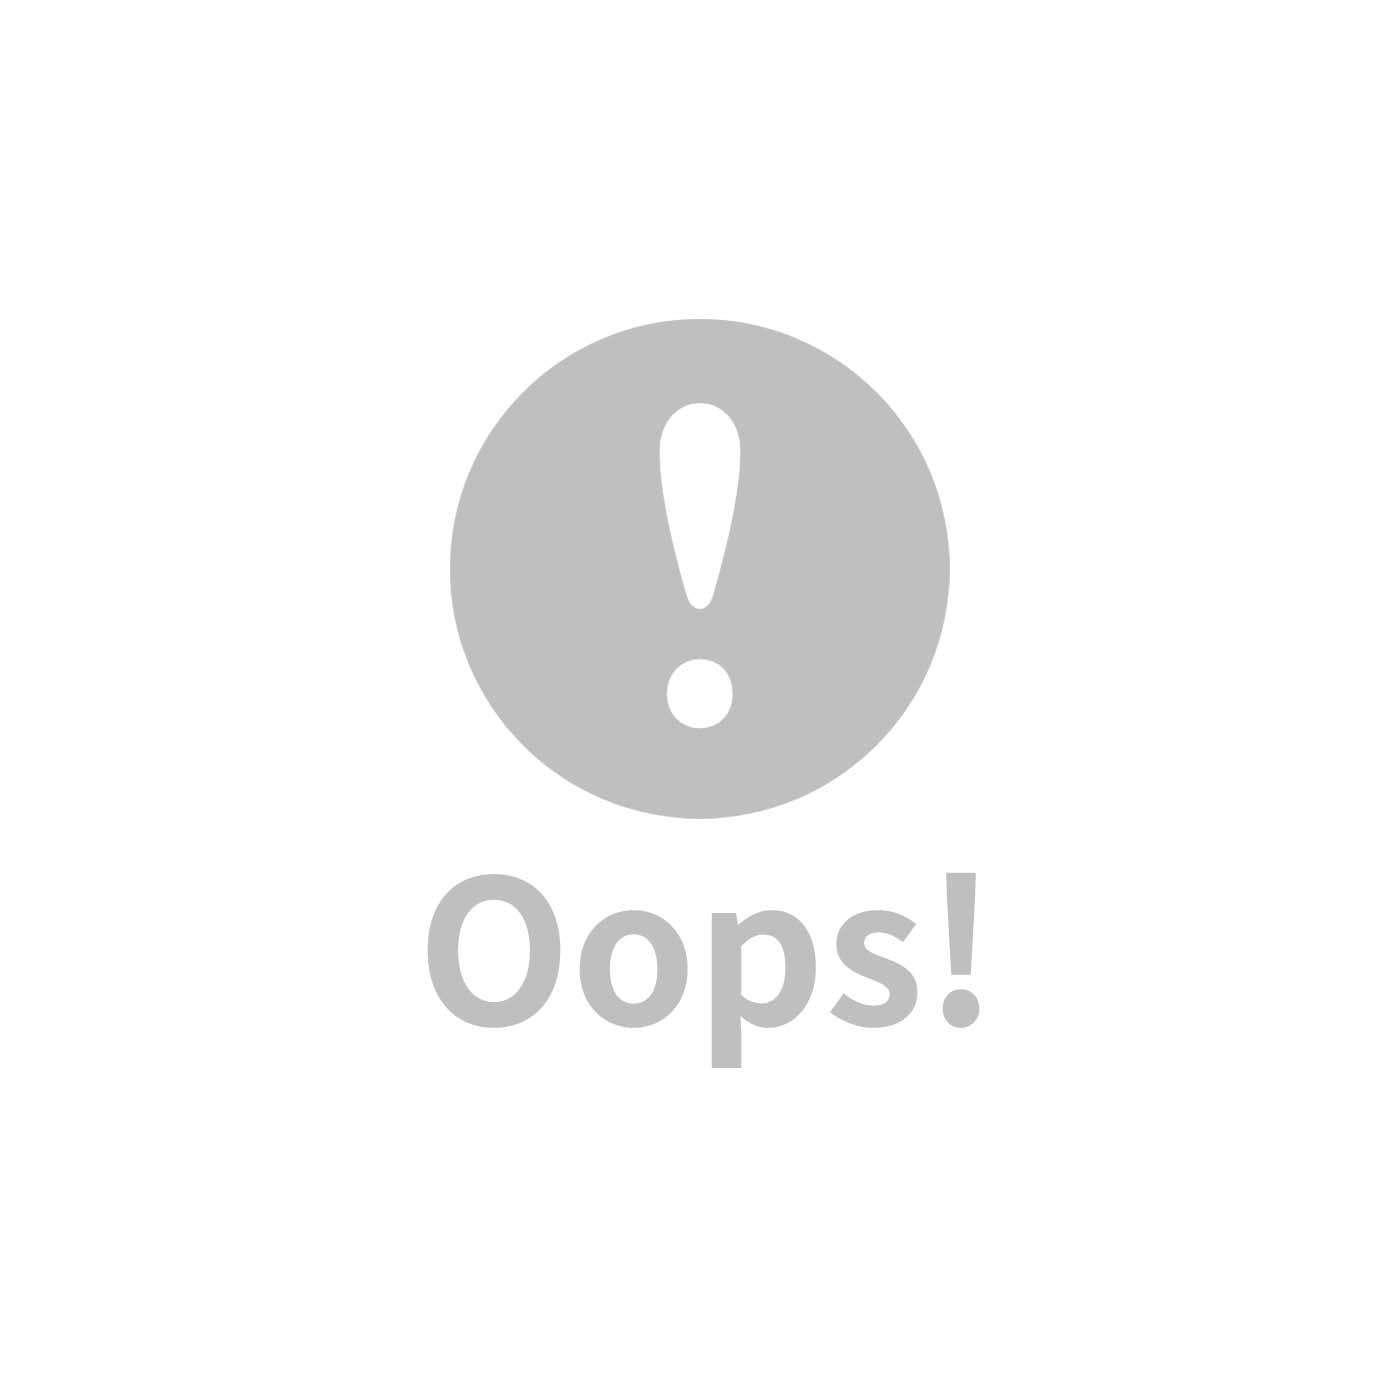 global affairs 童話手工編織安撫音樂鈴_海洋系列(螃蟹大兵)